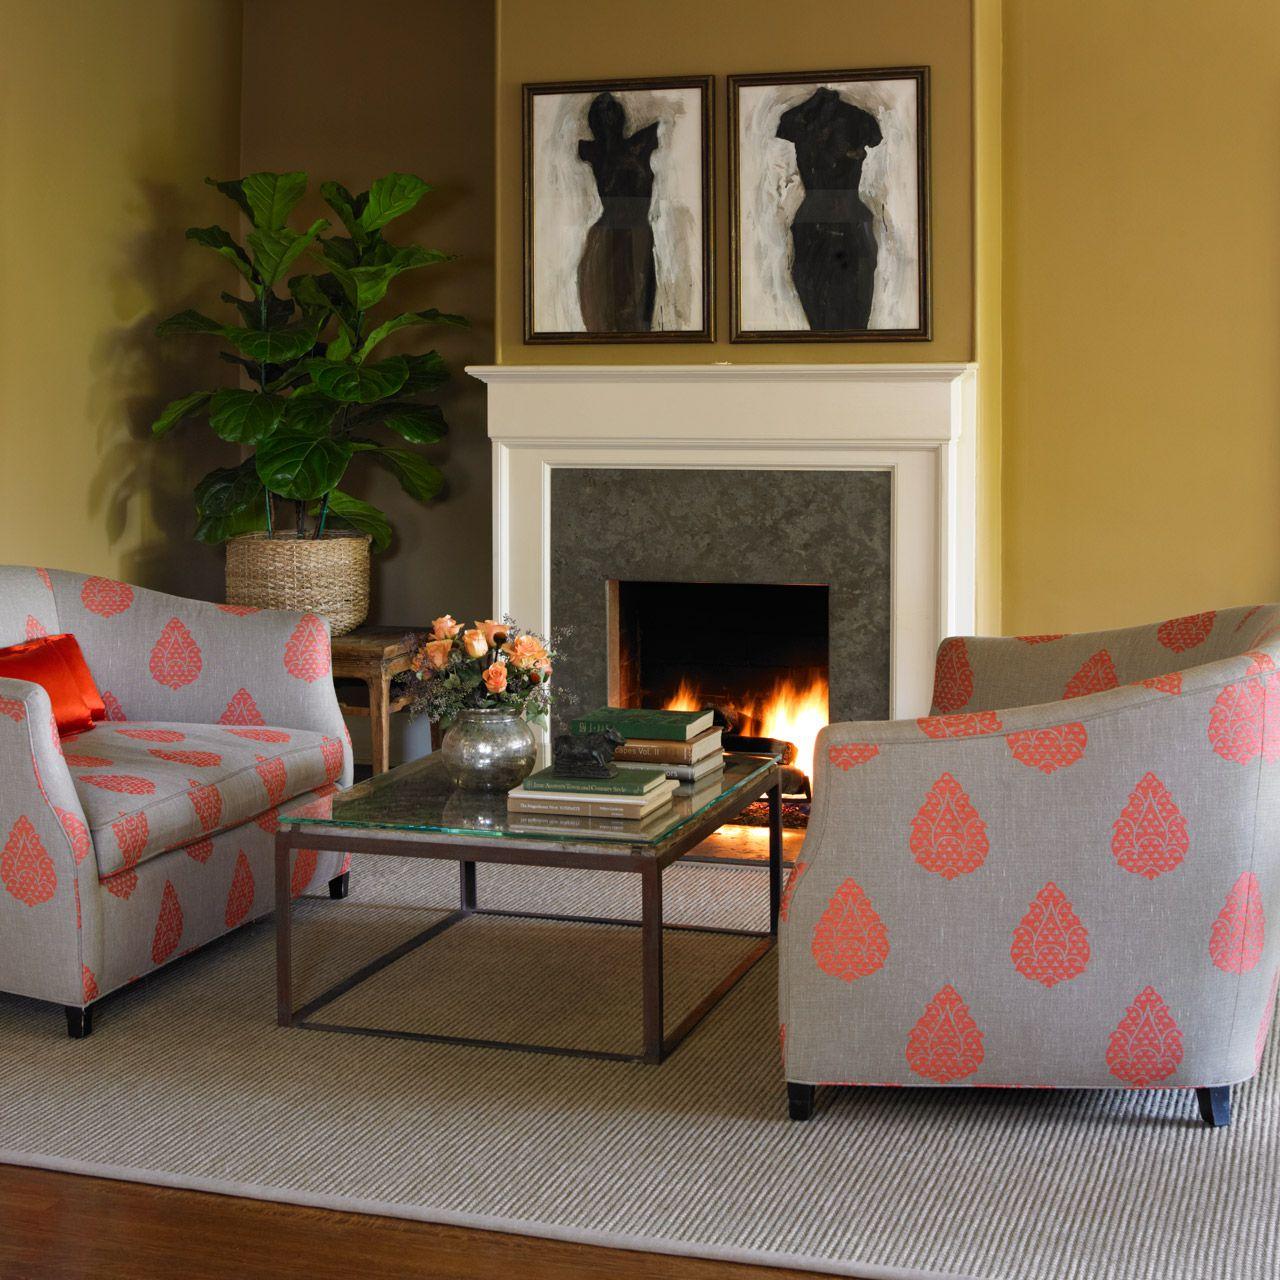 Dunn edwards paints paint colors walls warm butterscotch de6151 trim historic white det653 click for a free color sample dunnedwards